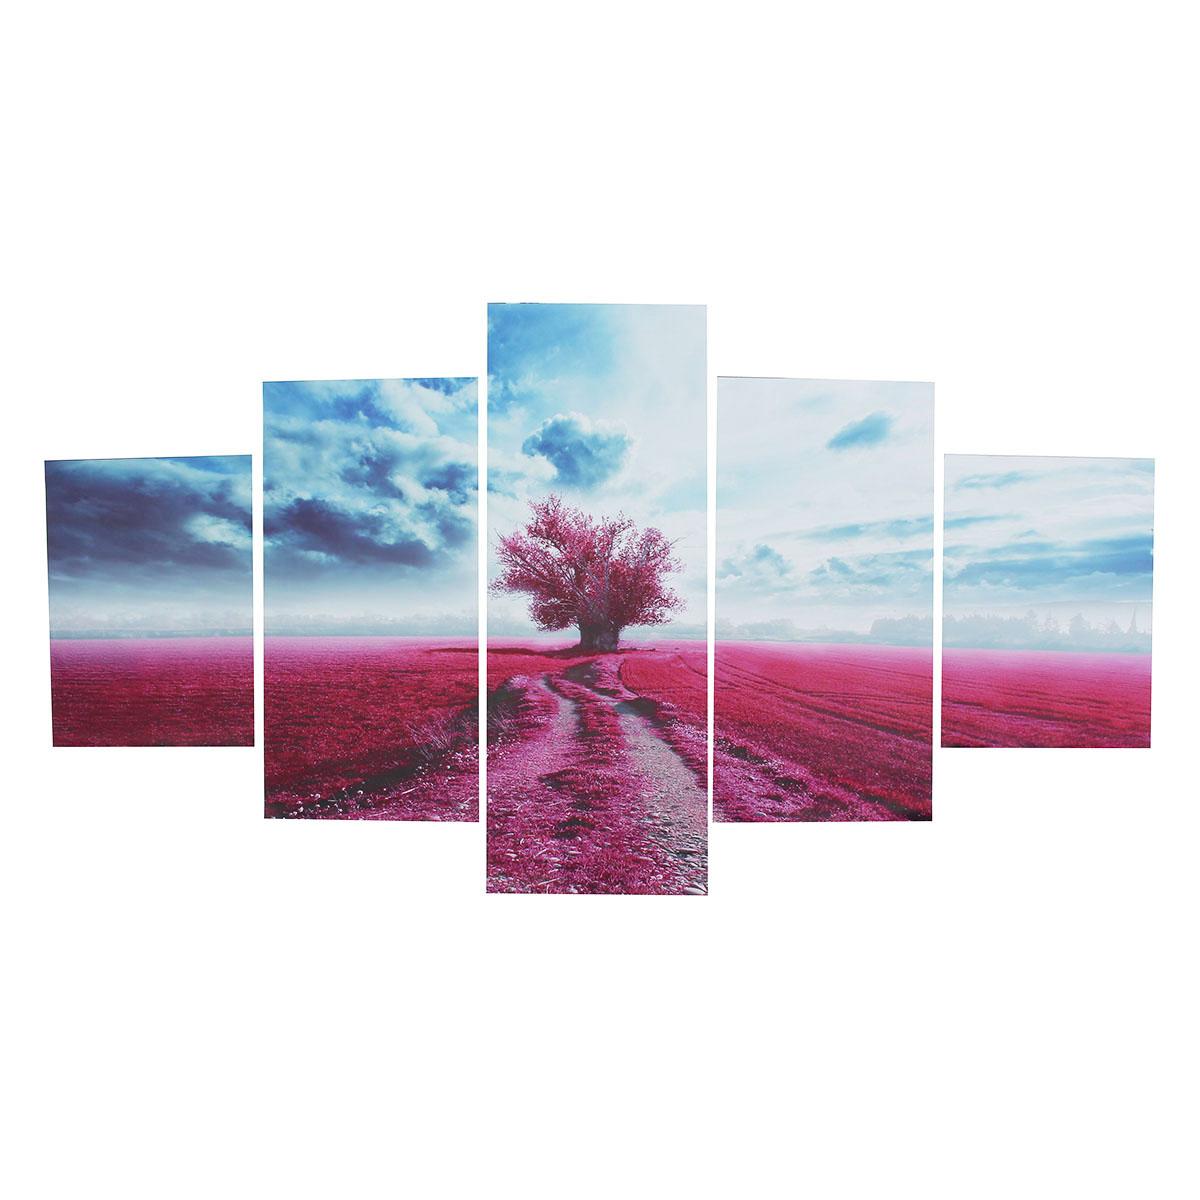 tempsa 5pcs tableau huile toile arbre violet moderne art décor